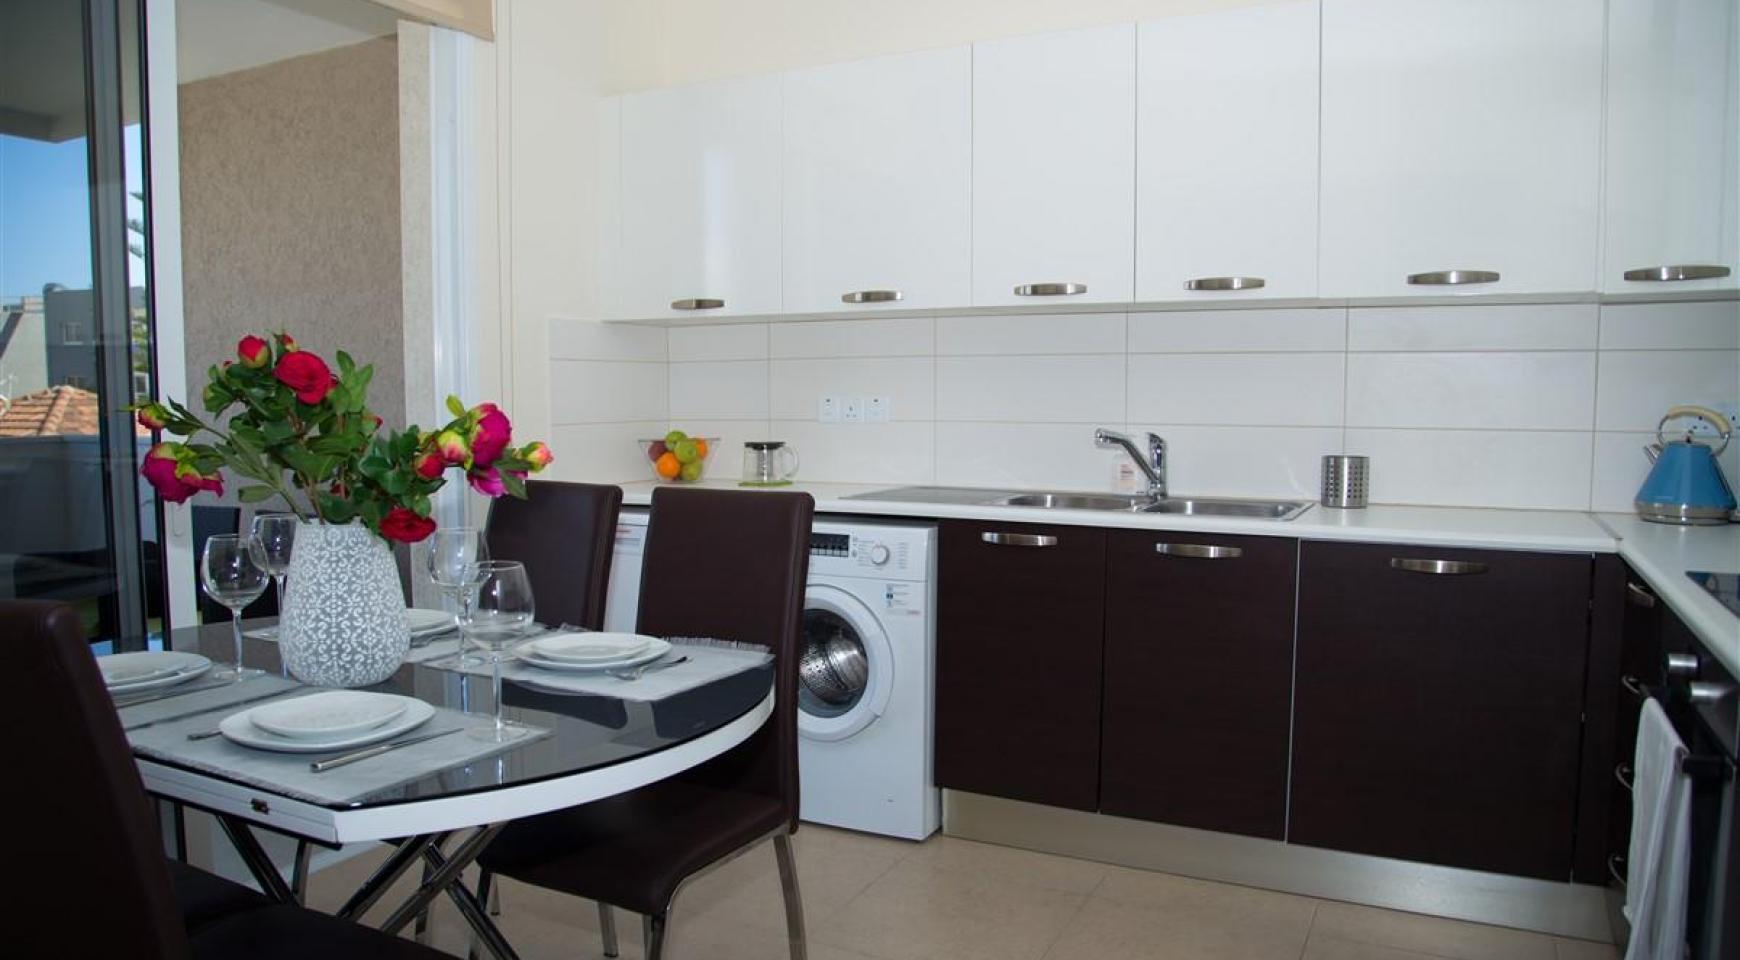 Μοντέρνο διαμέρισμα 2 υπνοδωματίων στην περιοχή Ποταμός Γερμασόγειας - 7